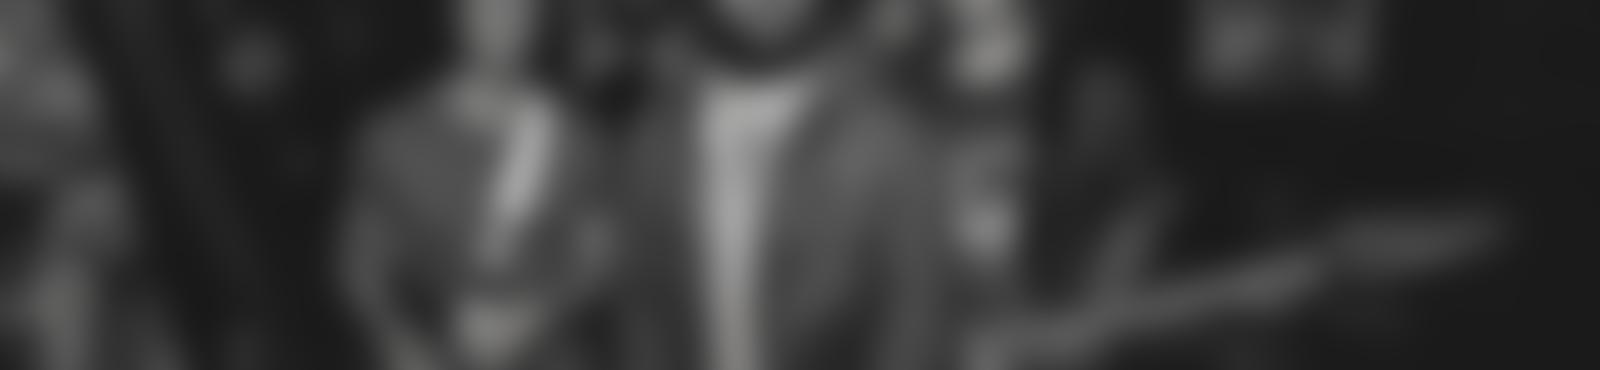 Blurred d67c0aae b46f 43db a992 2827270f5c3e